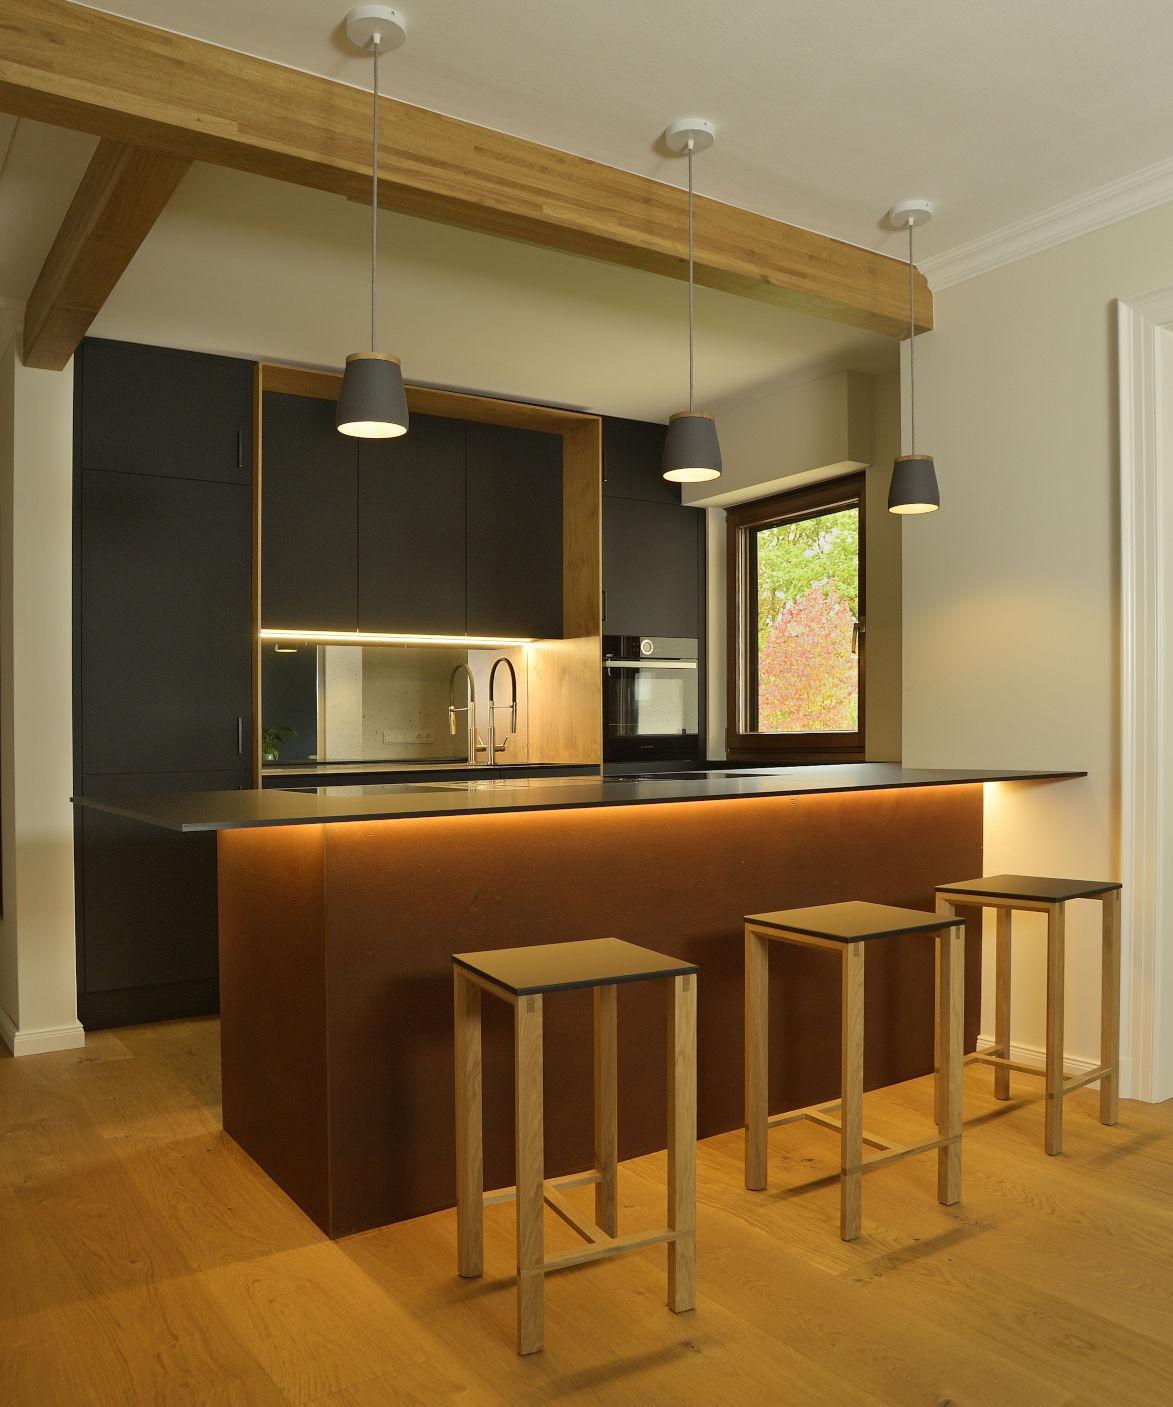 Küche matt schwarz, Holz und Rost-Farbe mit eingelassenem Kochfeld und Spüle